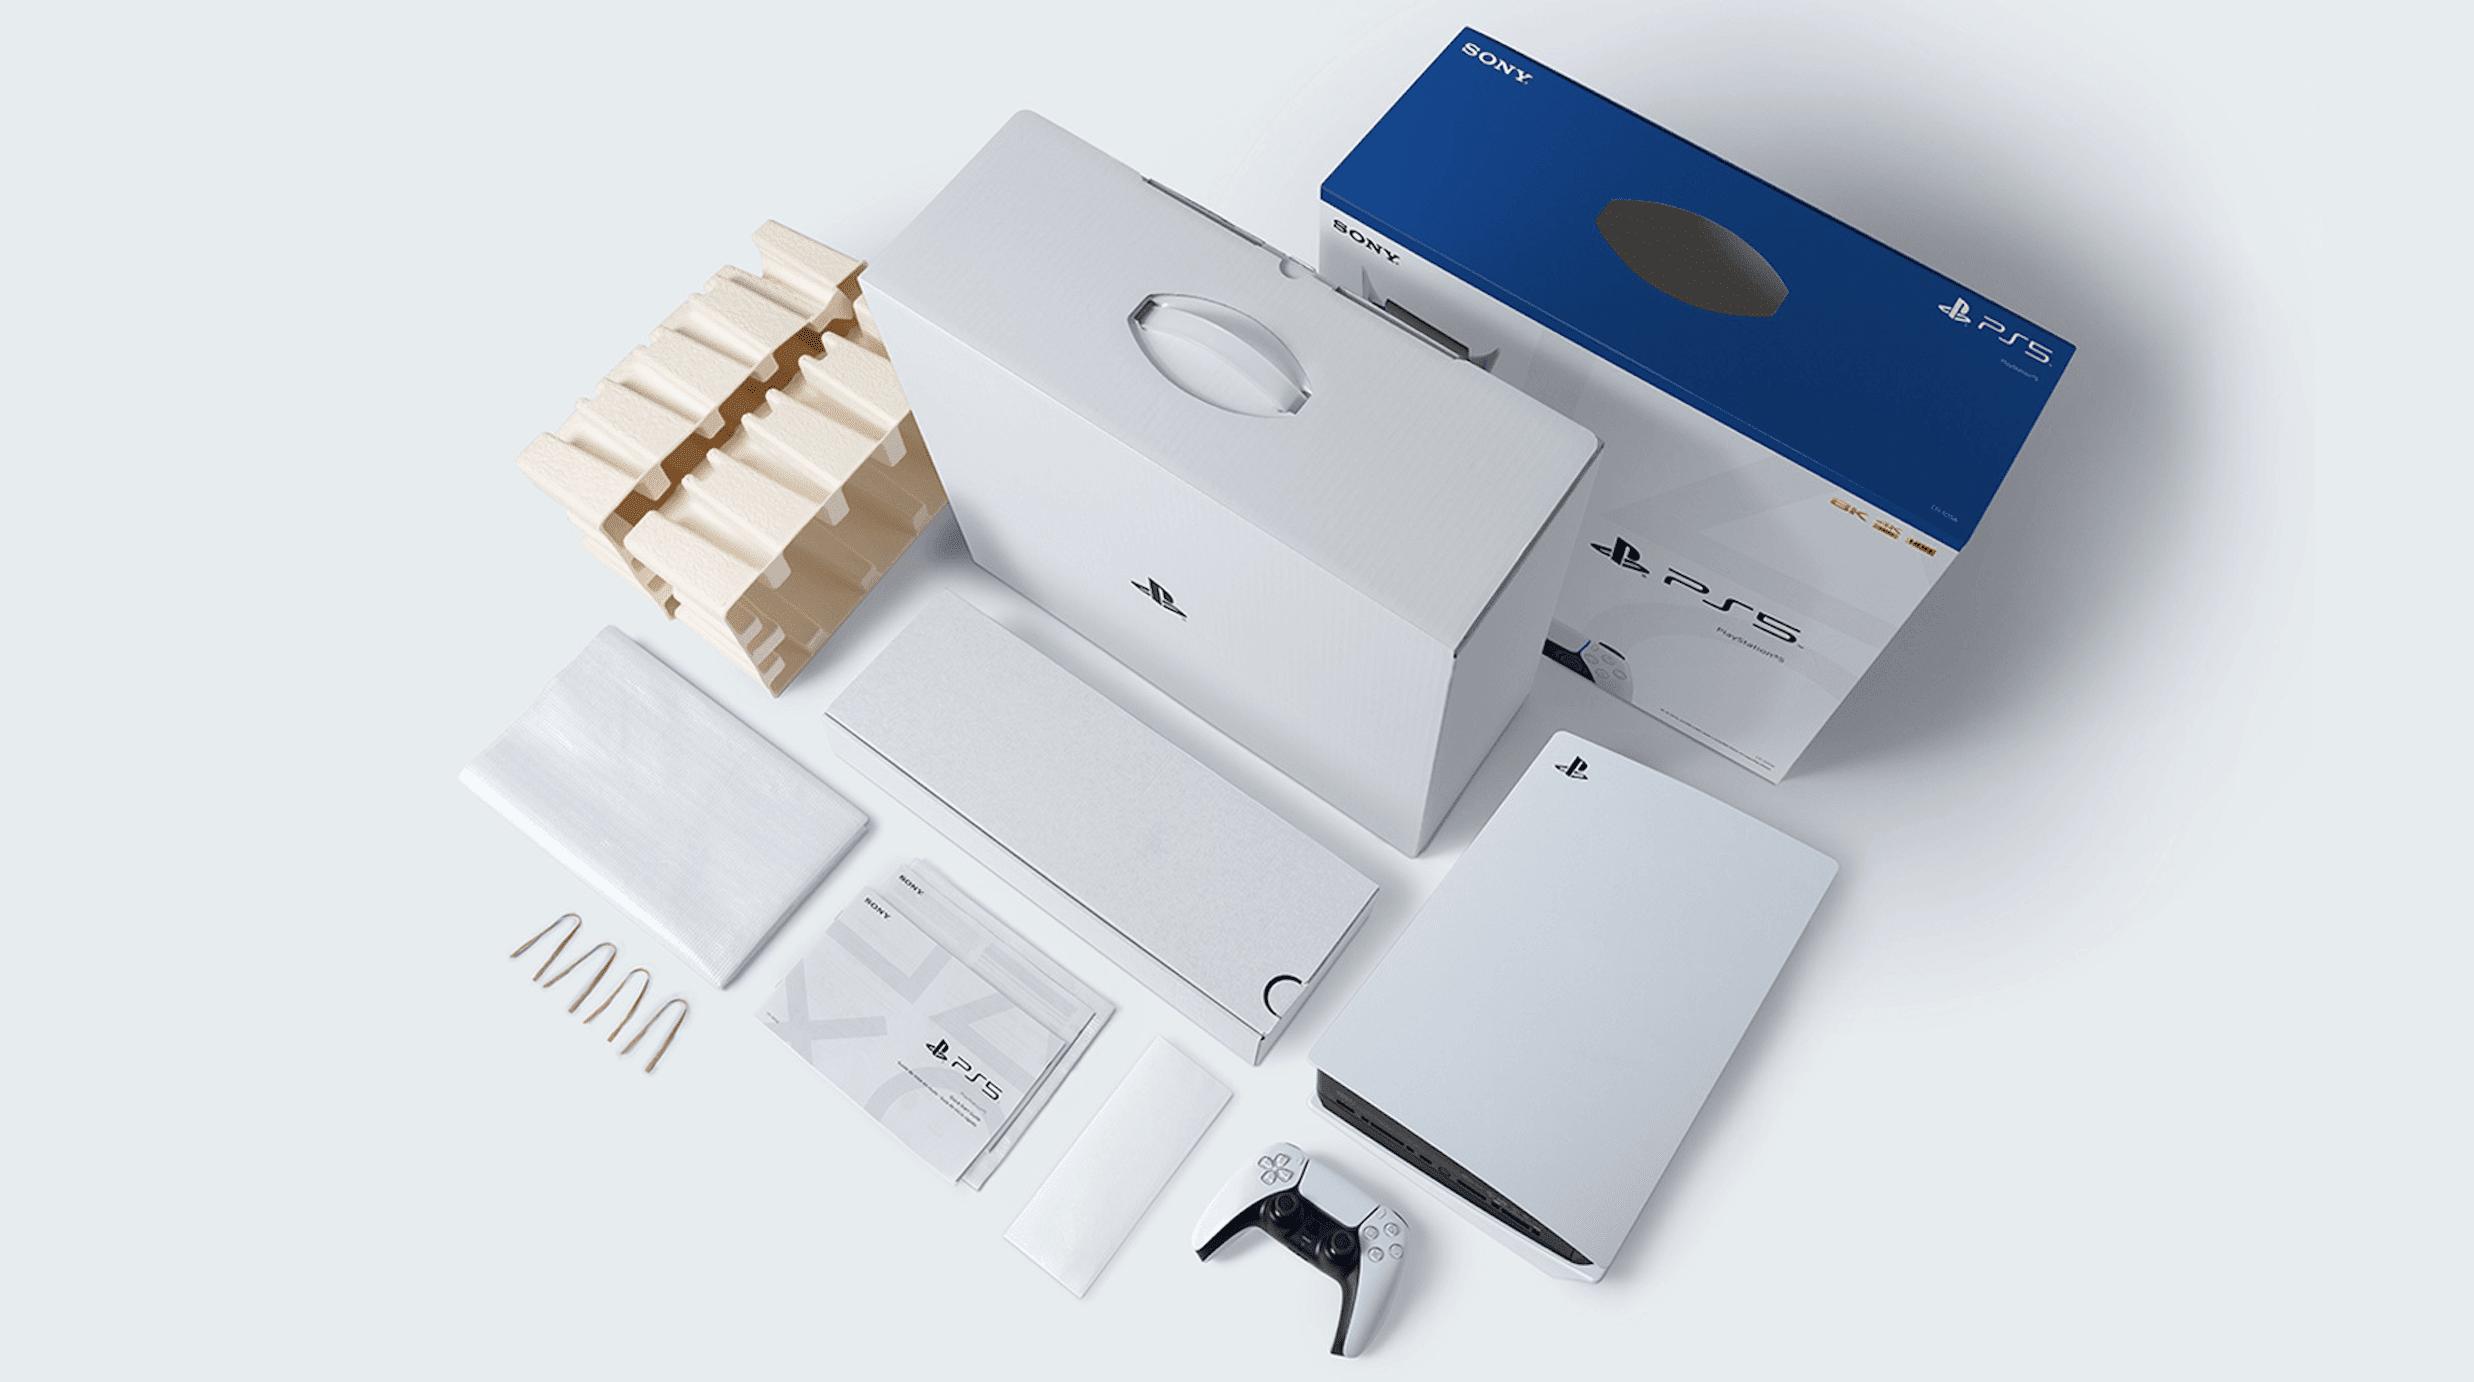 Il packaging di PS5 è completamente riciclabile